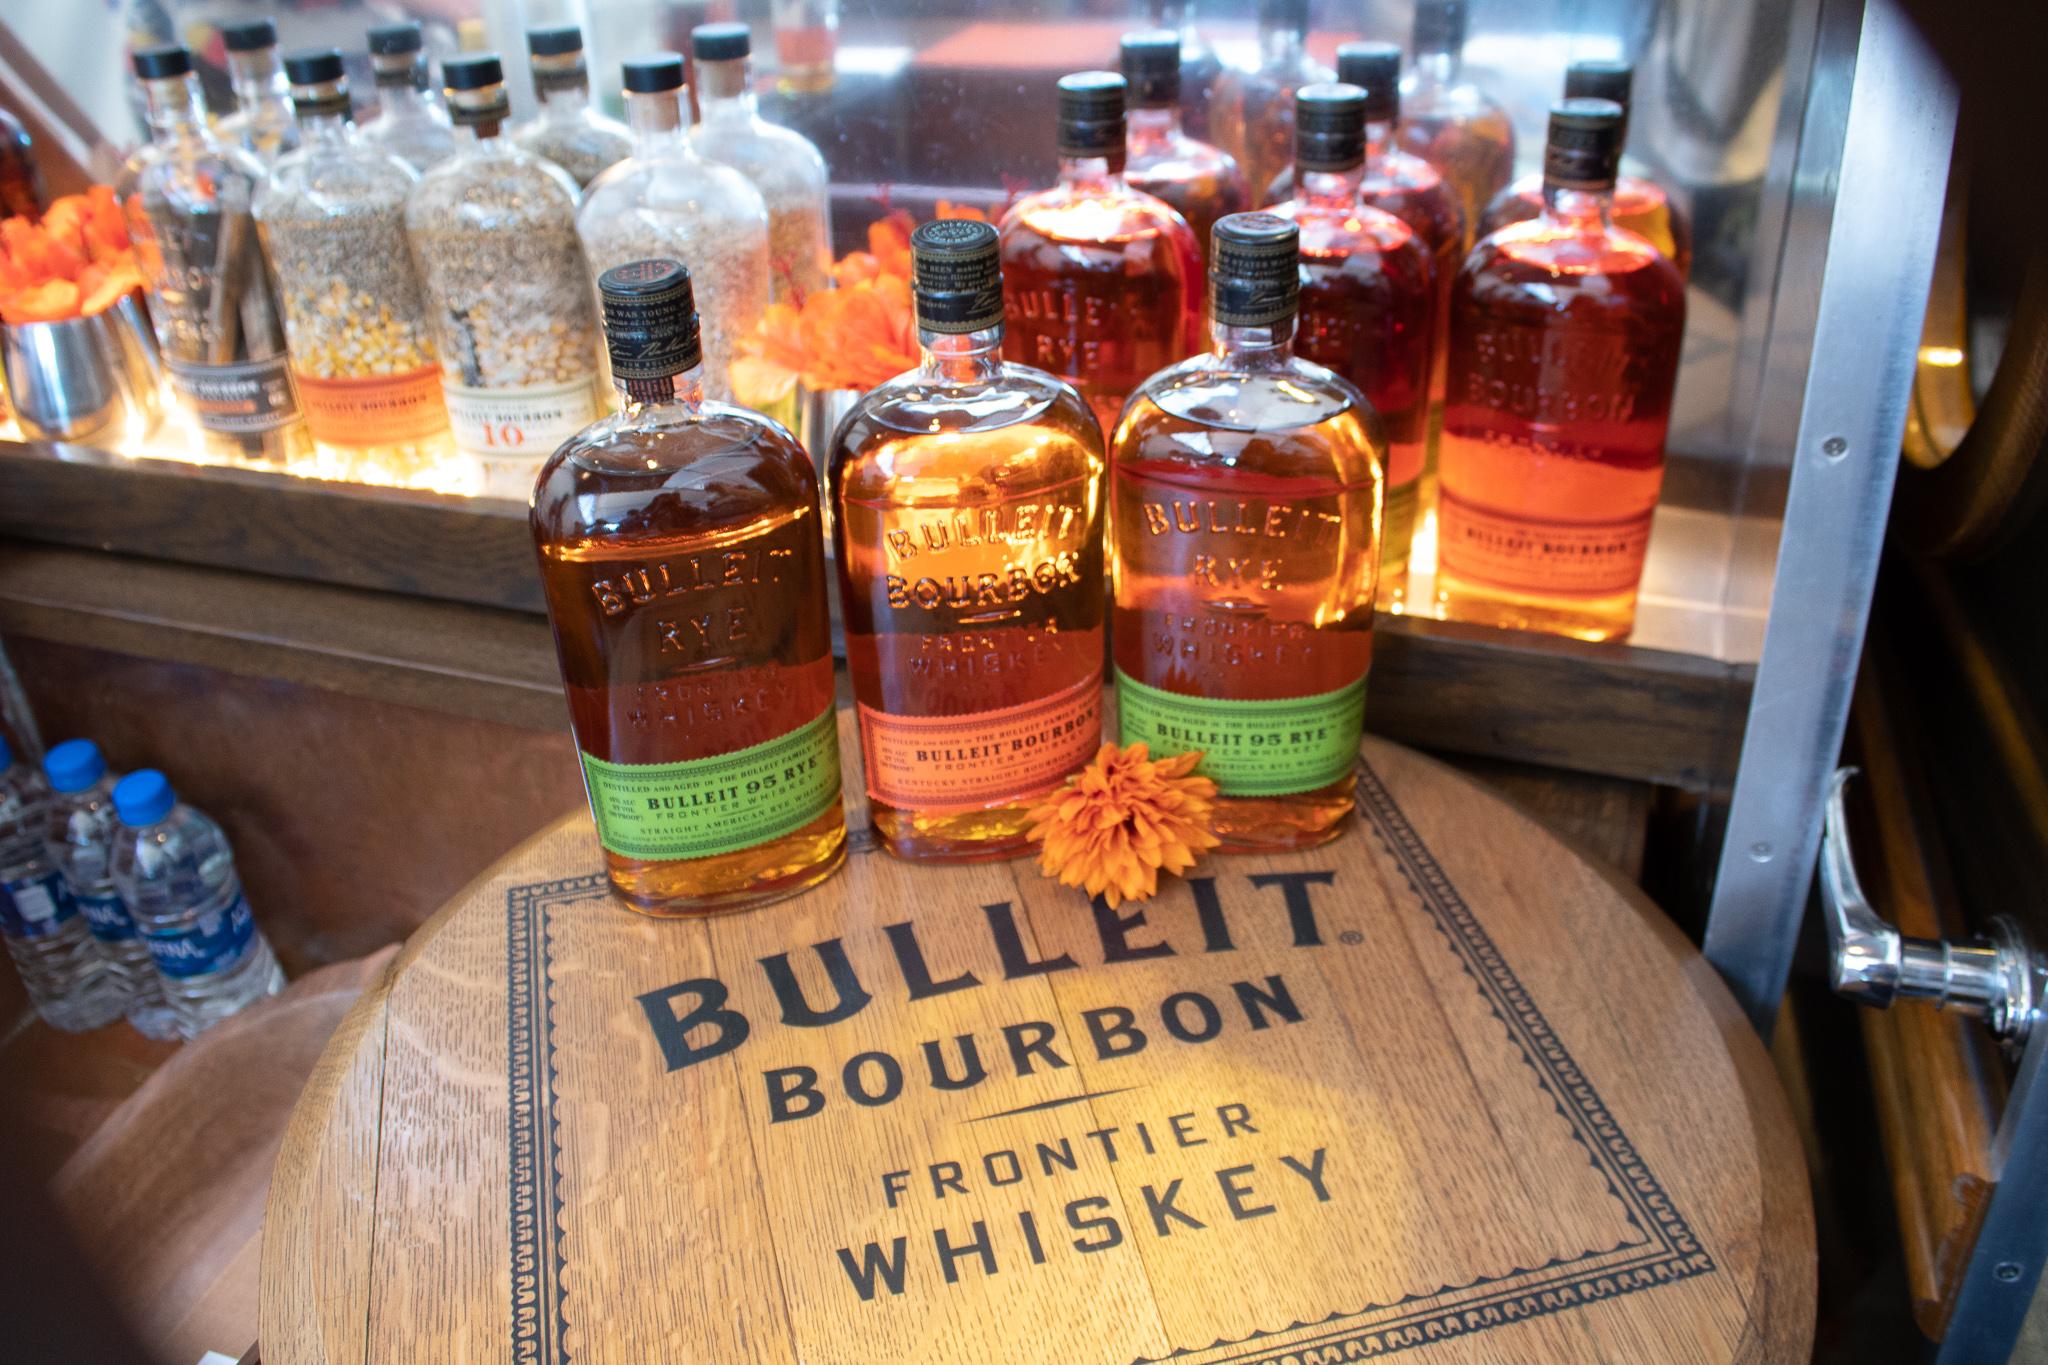 Harlem Eat Up Bullett Whiskey